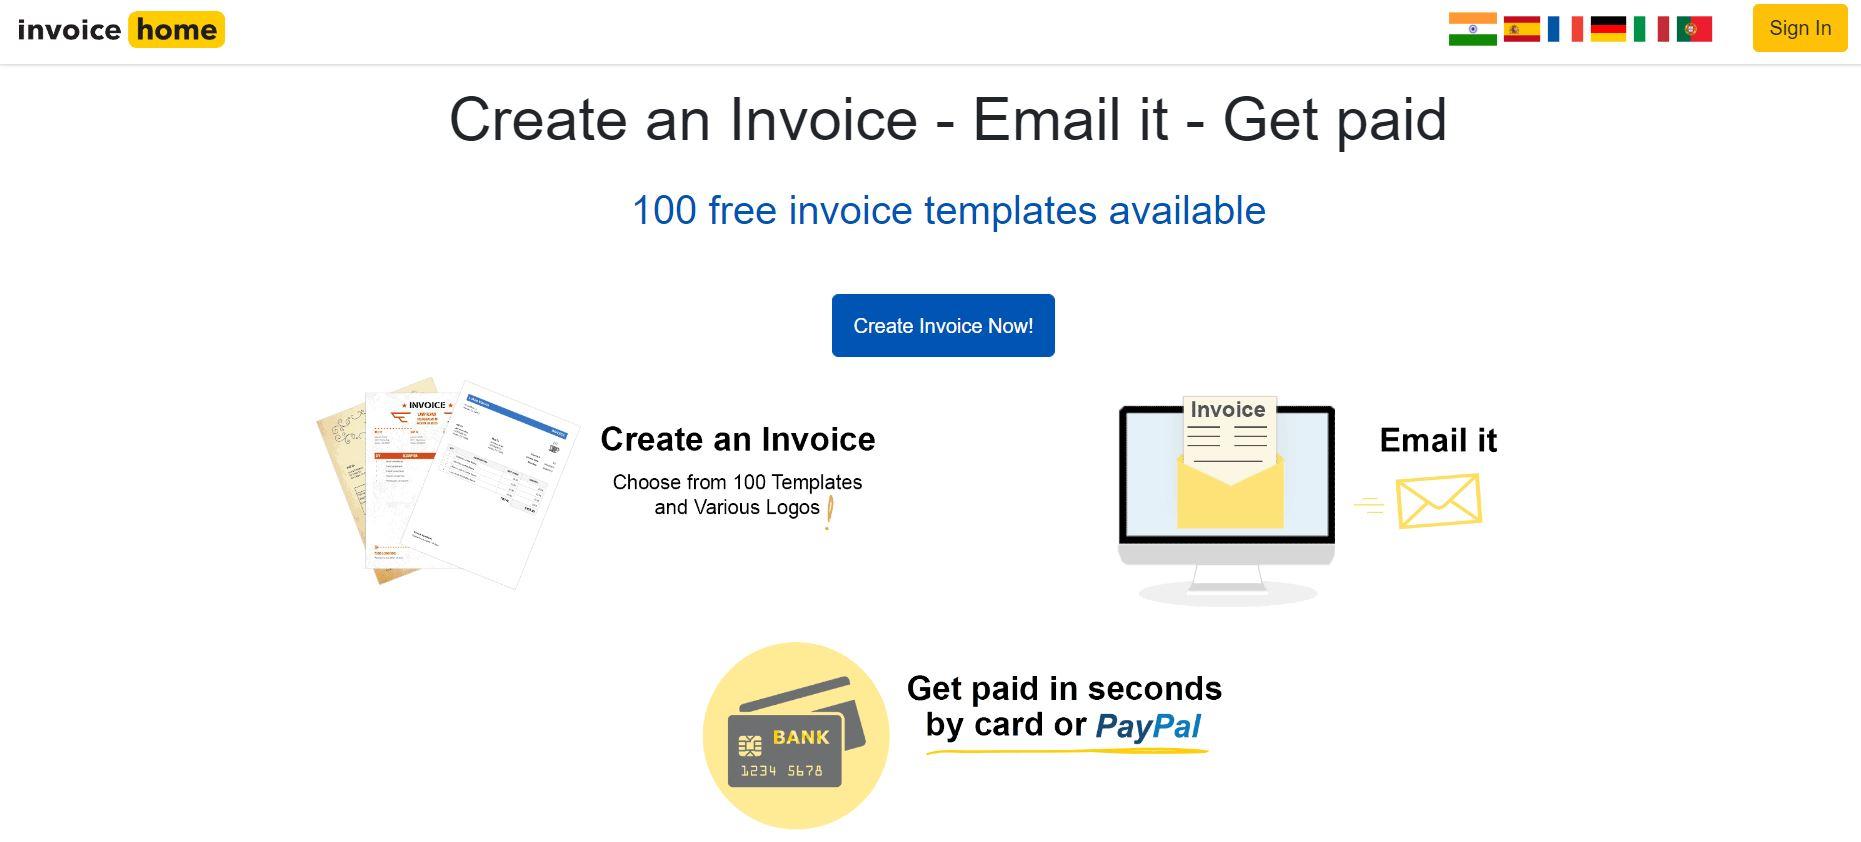 invoice home